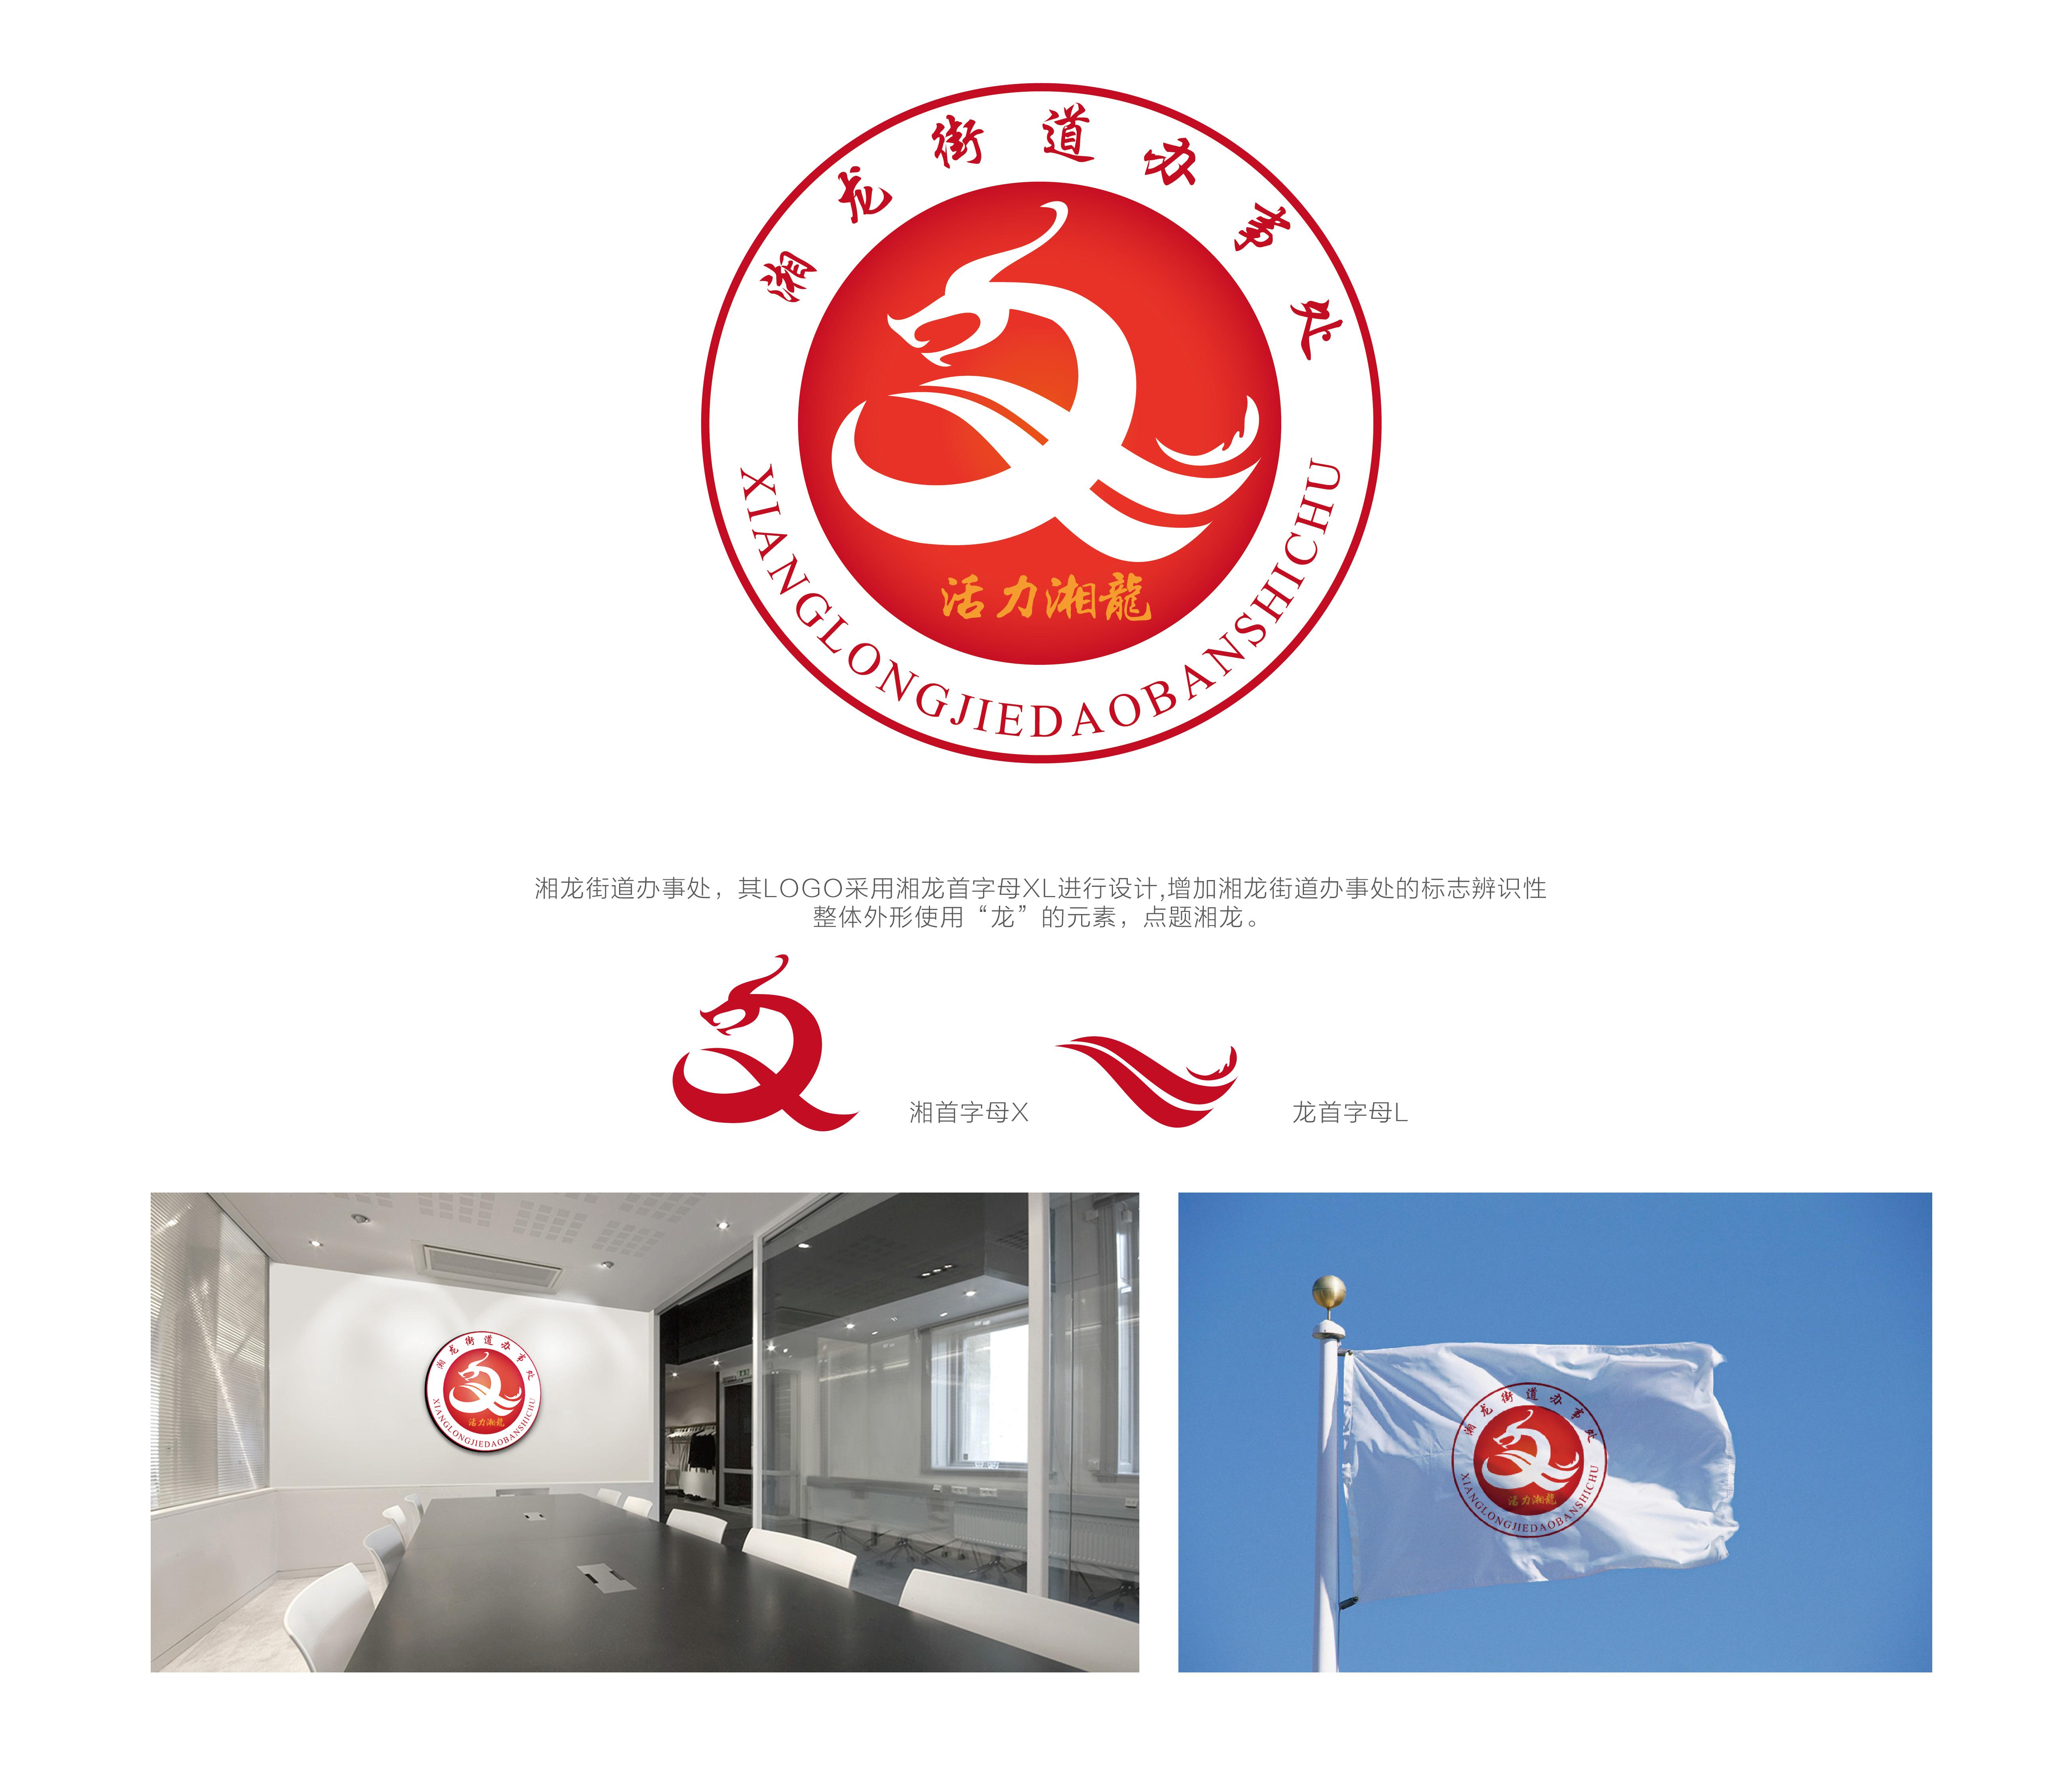 街道办事处logo_LOGO设计美图-湘龙街道办事处LOGO-LOGO设计-猪八戒网